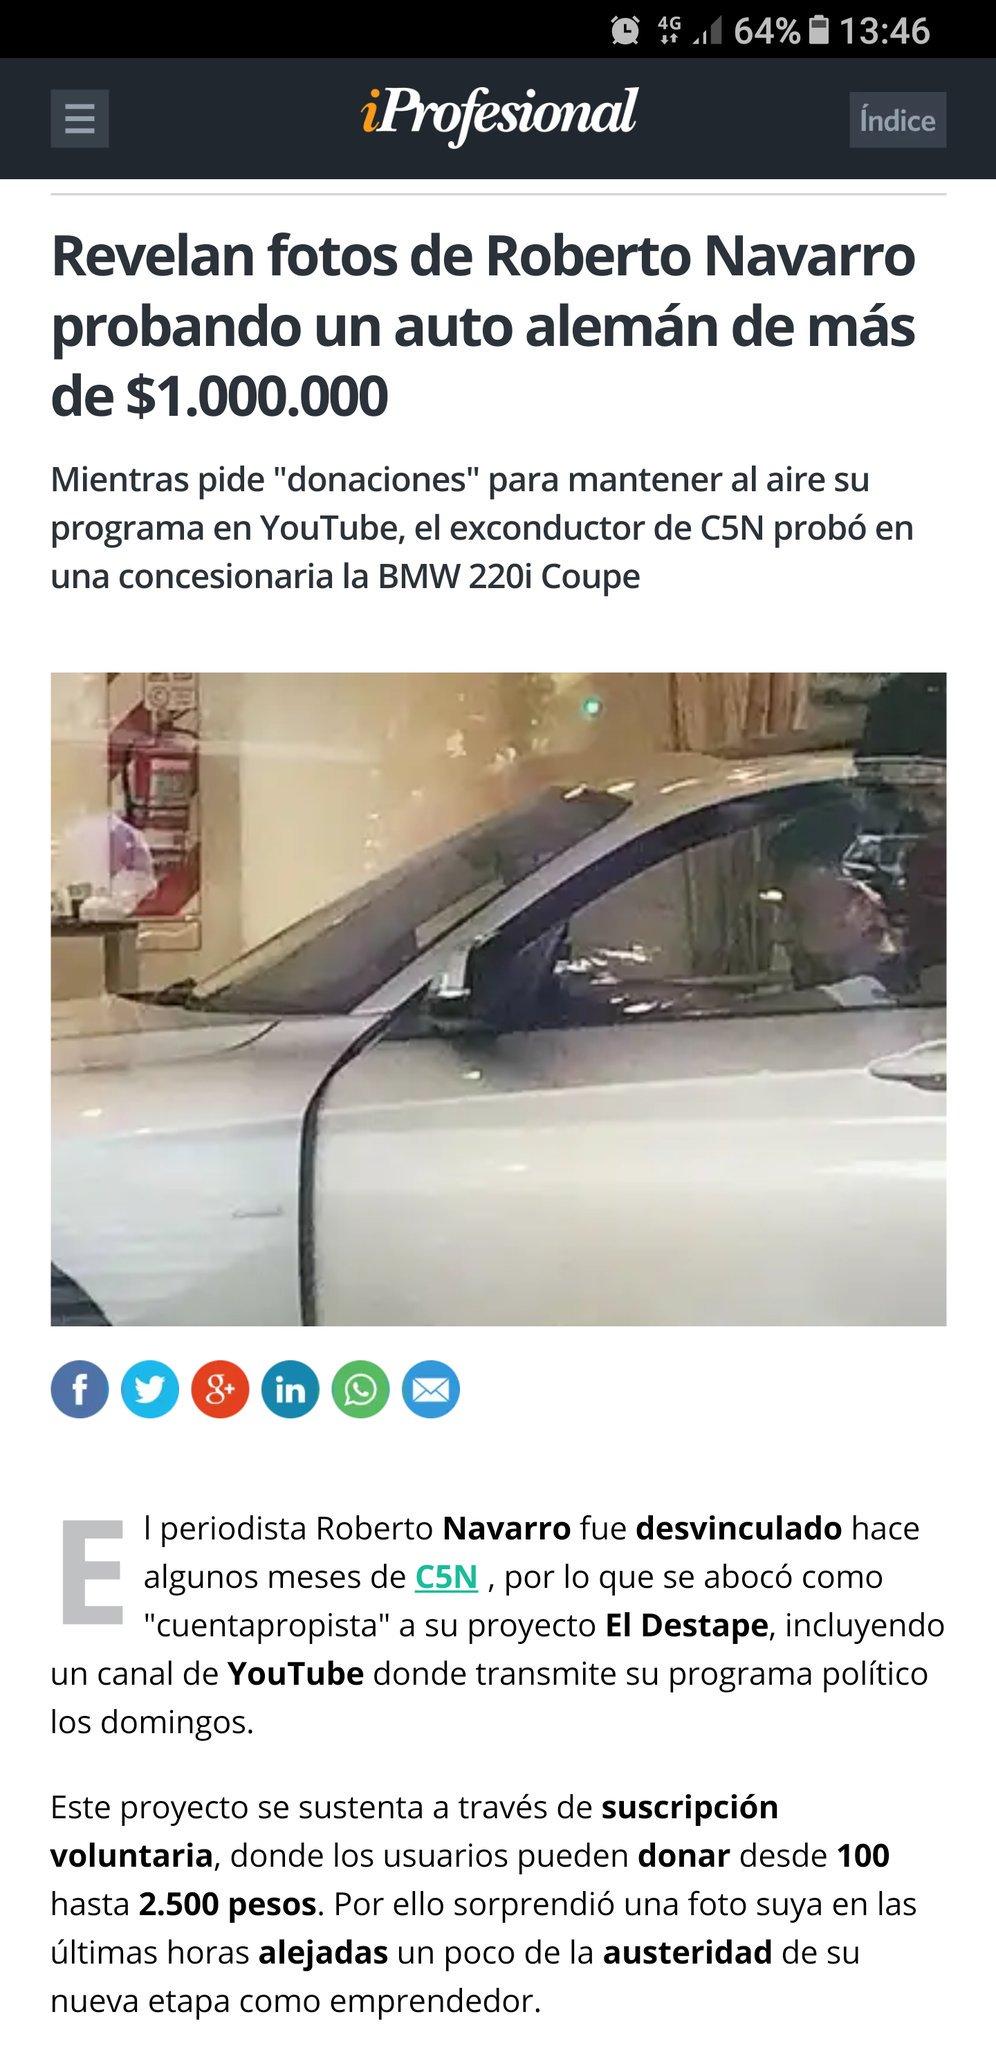 @eldestapeweb @robdnavarro, vos podrías contar más detalles del BMW. https://t.co/8TMbCMFahe